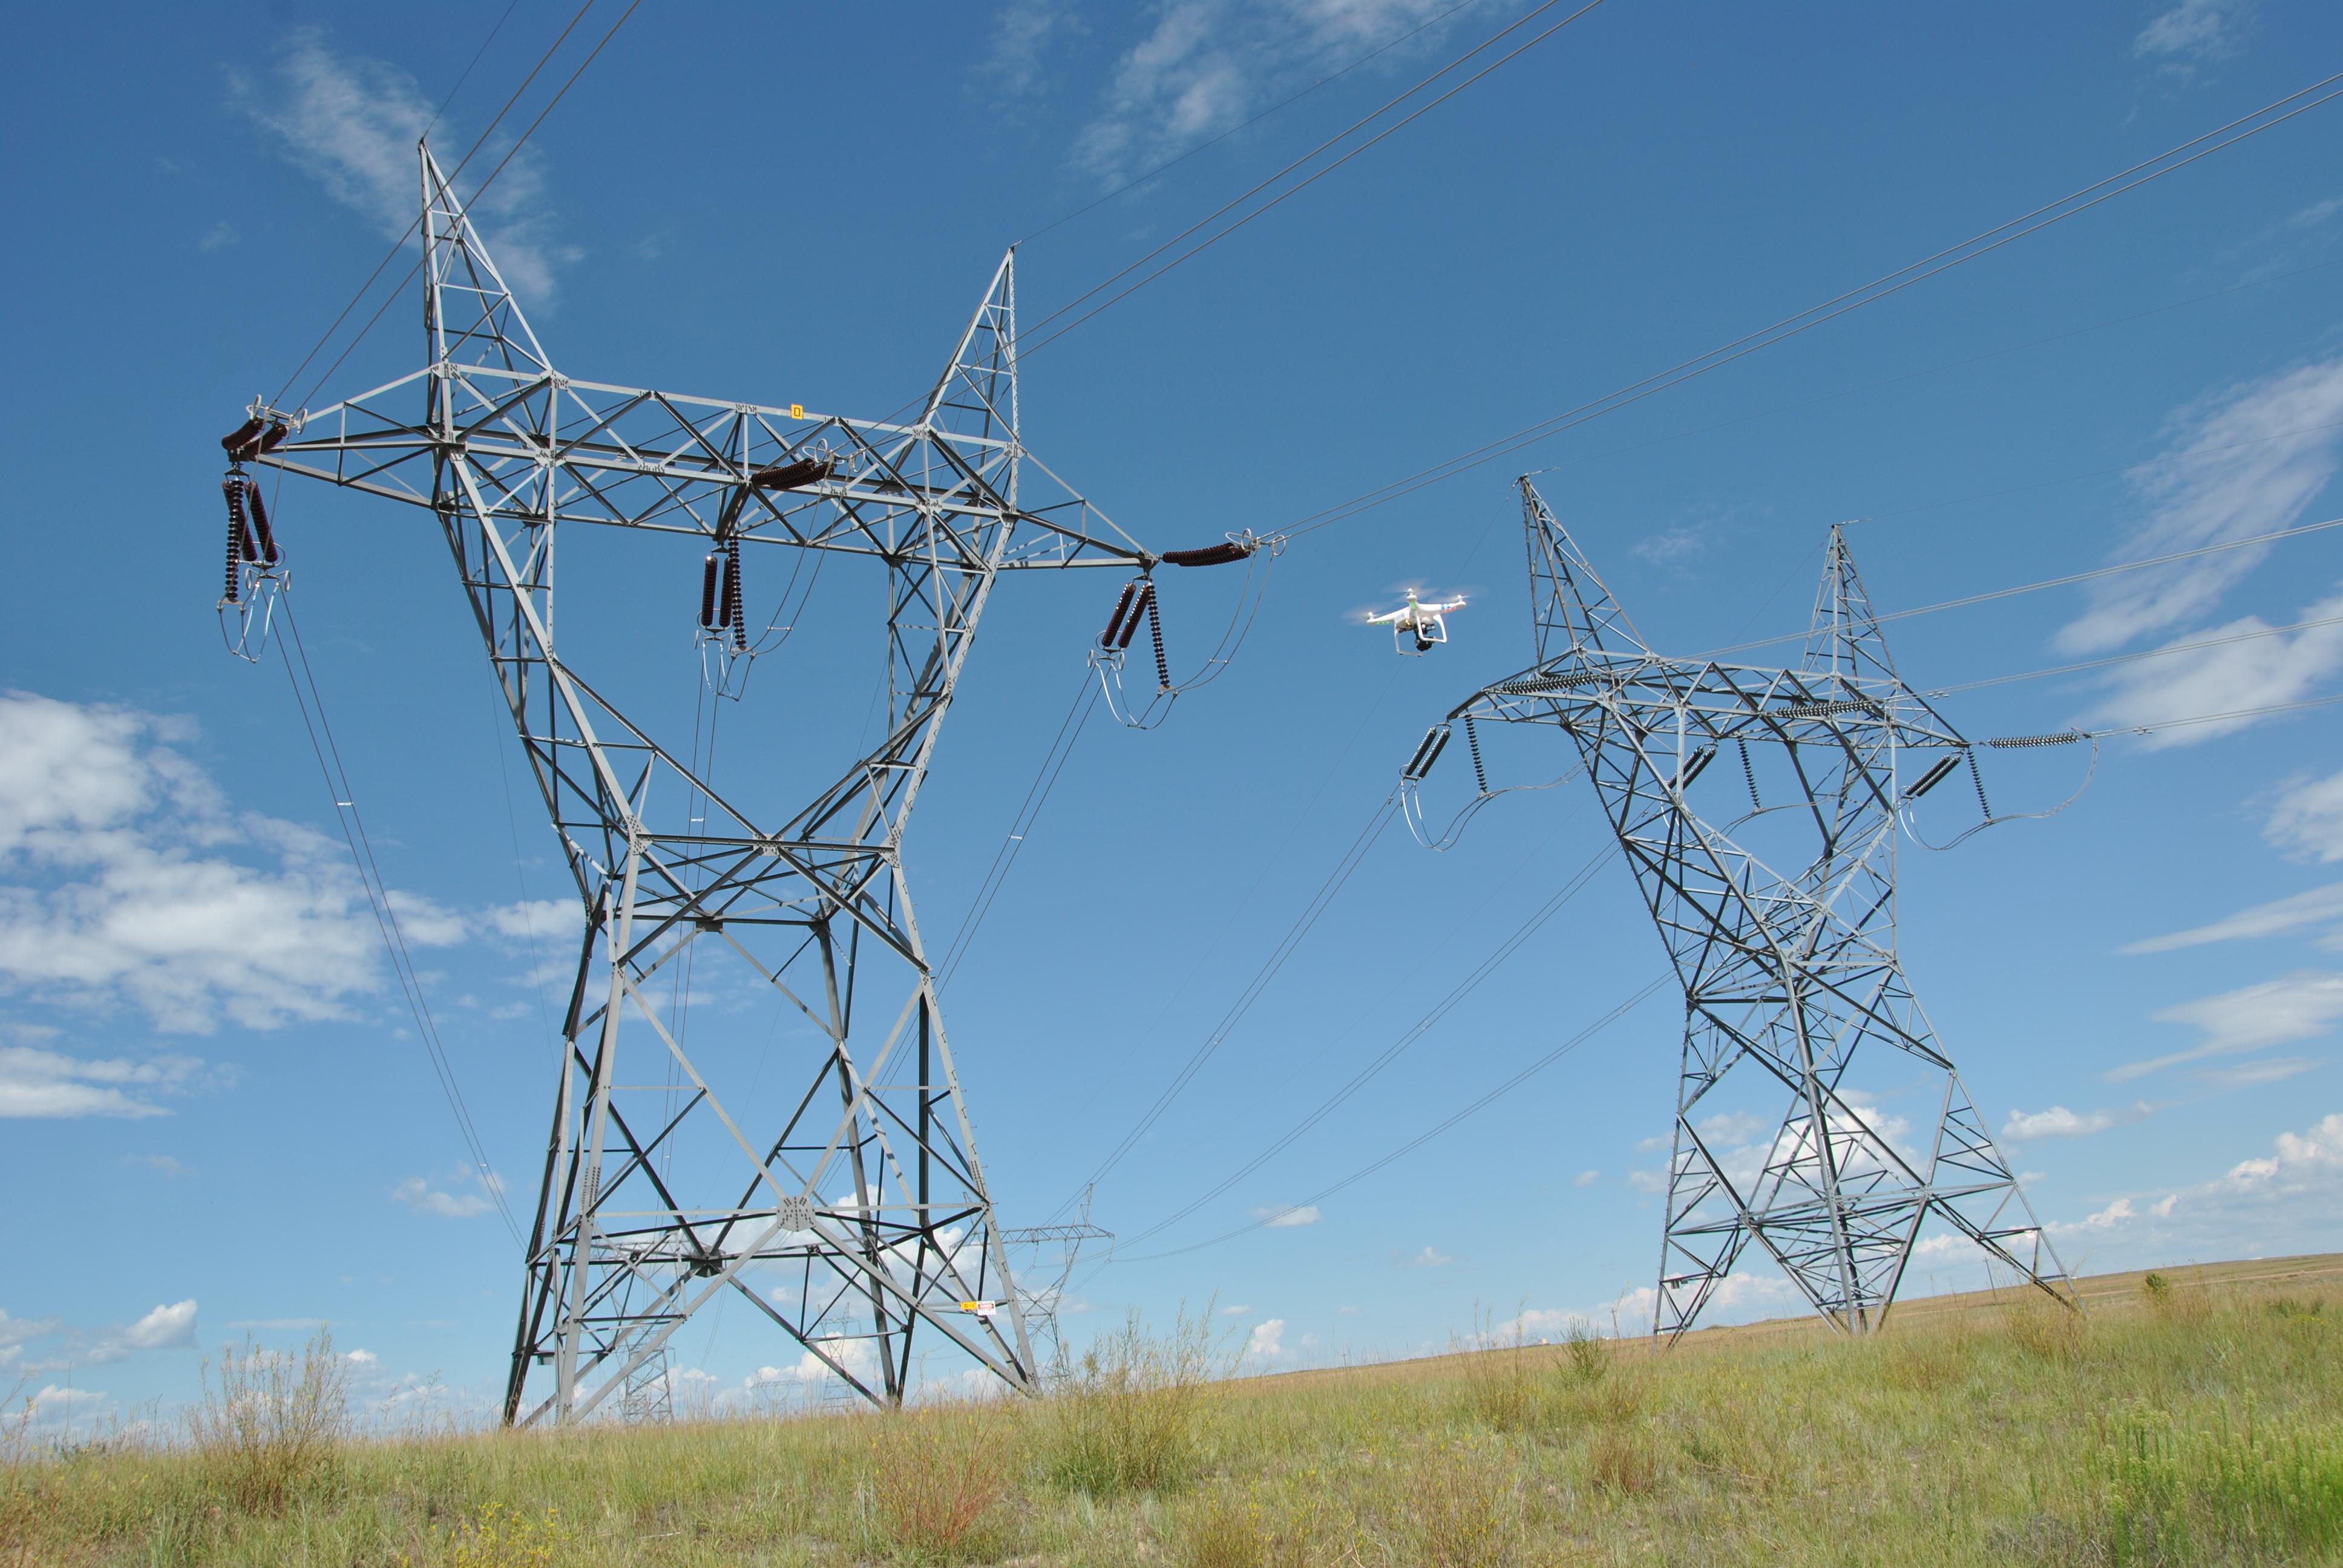 Utilisation d'un drone pour inspecter la ligne de transmission (crédits: Lisa Meiman / Western Area Power / Flickr Creative Commons Attribution 2.0 Generic (CC BY 2.0))